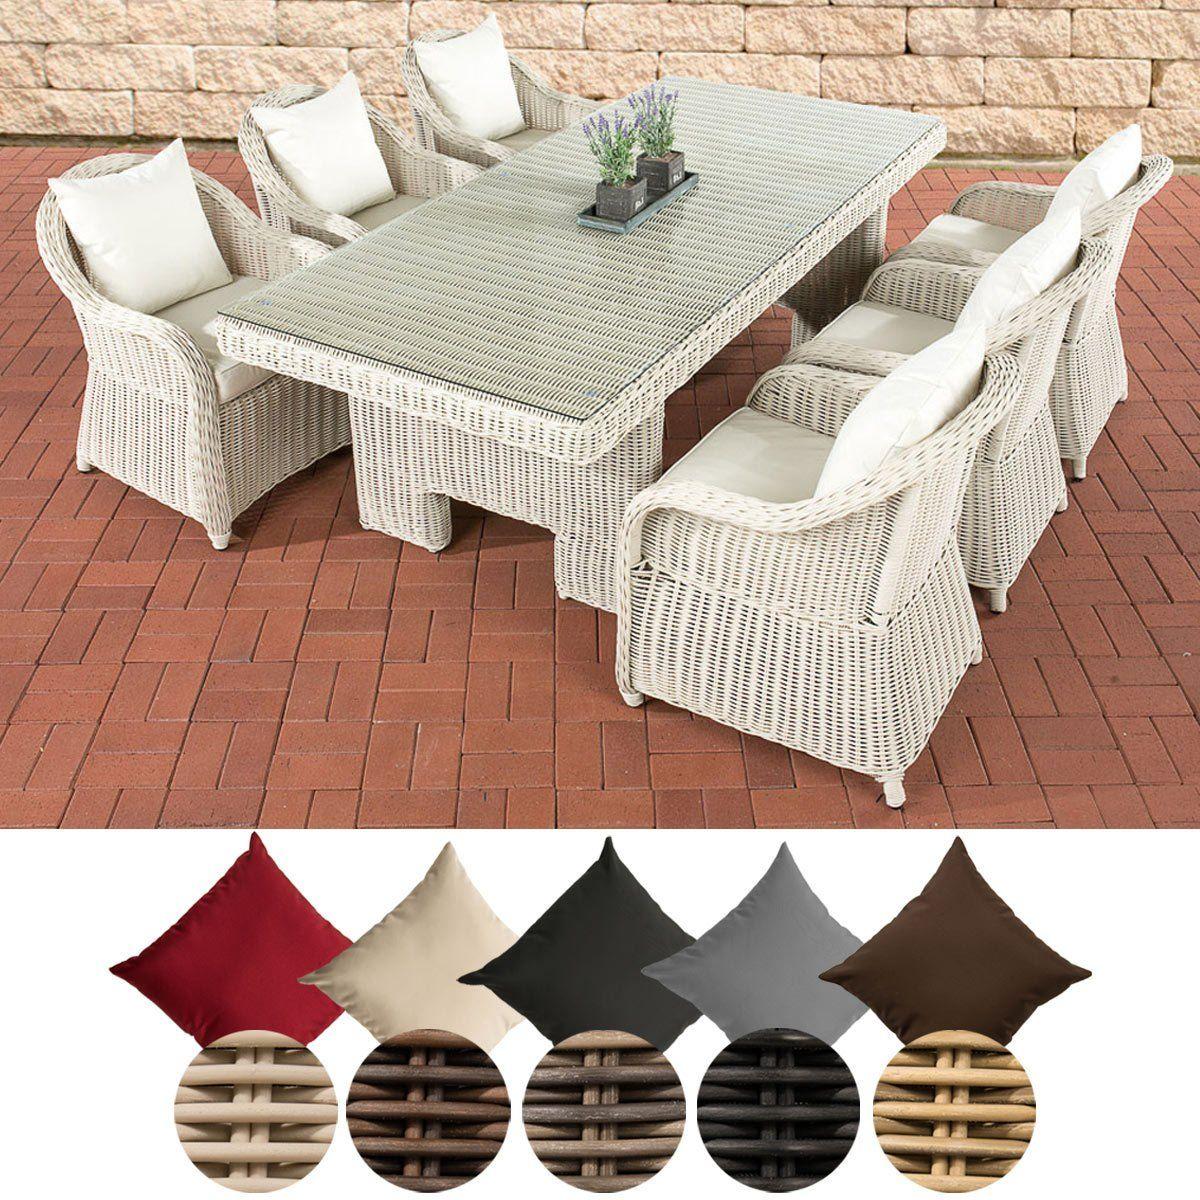 Elegante Polyrattan Sitzgruppe Candela Garten Set Cremeweiss Polsterauflagen Sitzgruppe Sessel